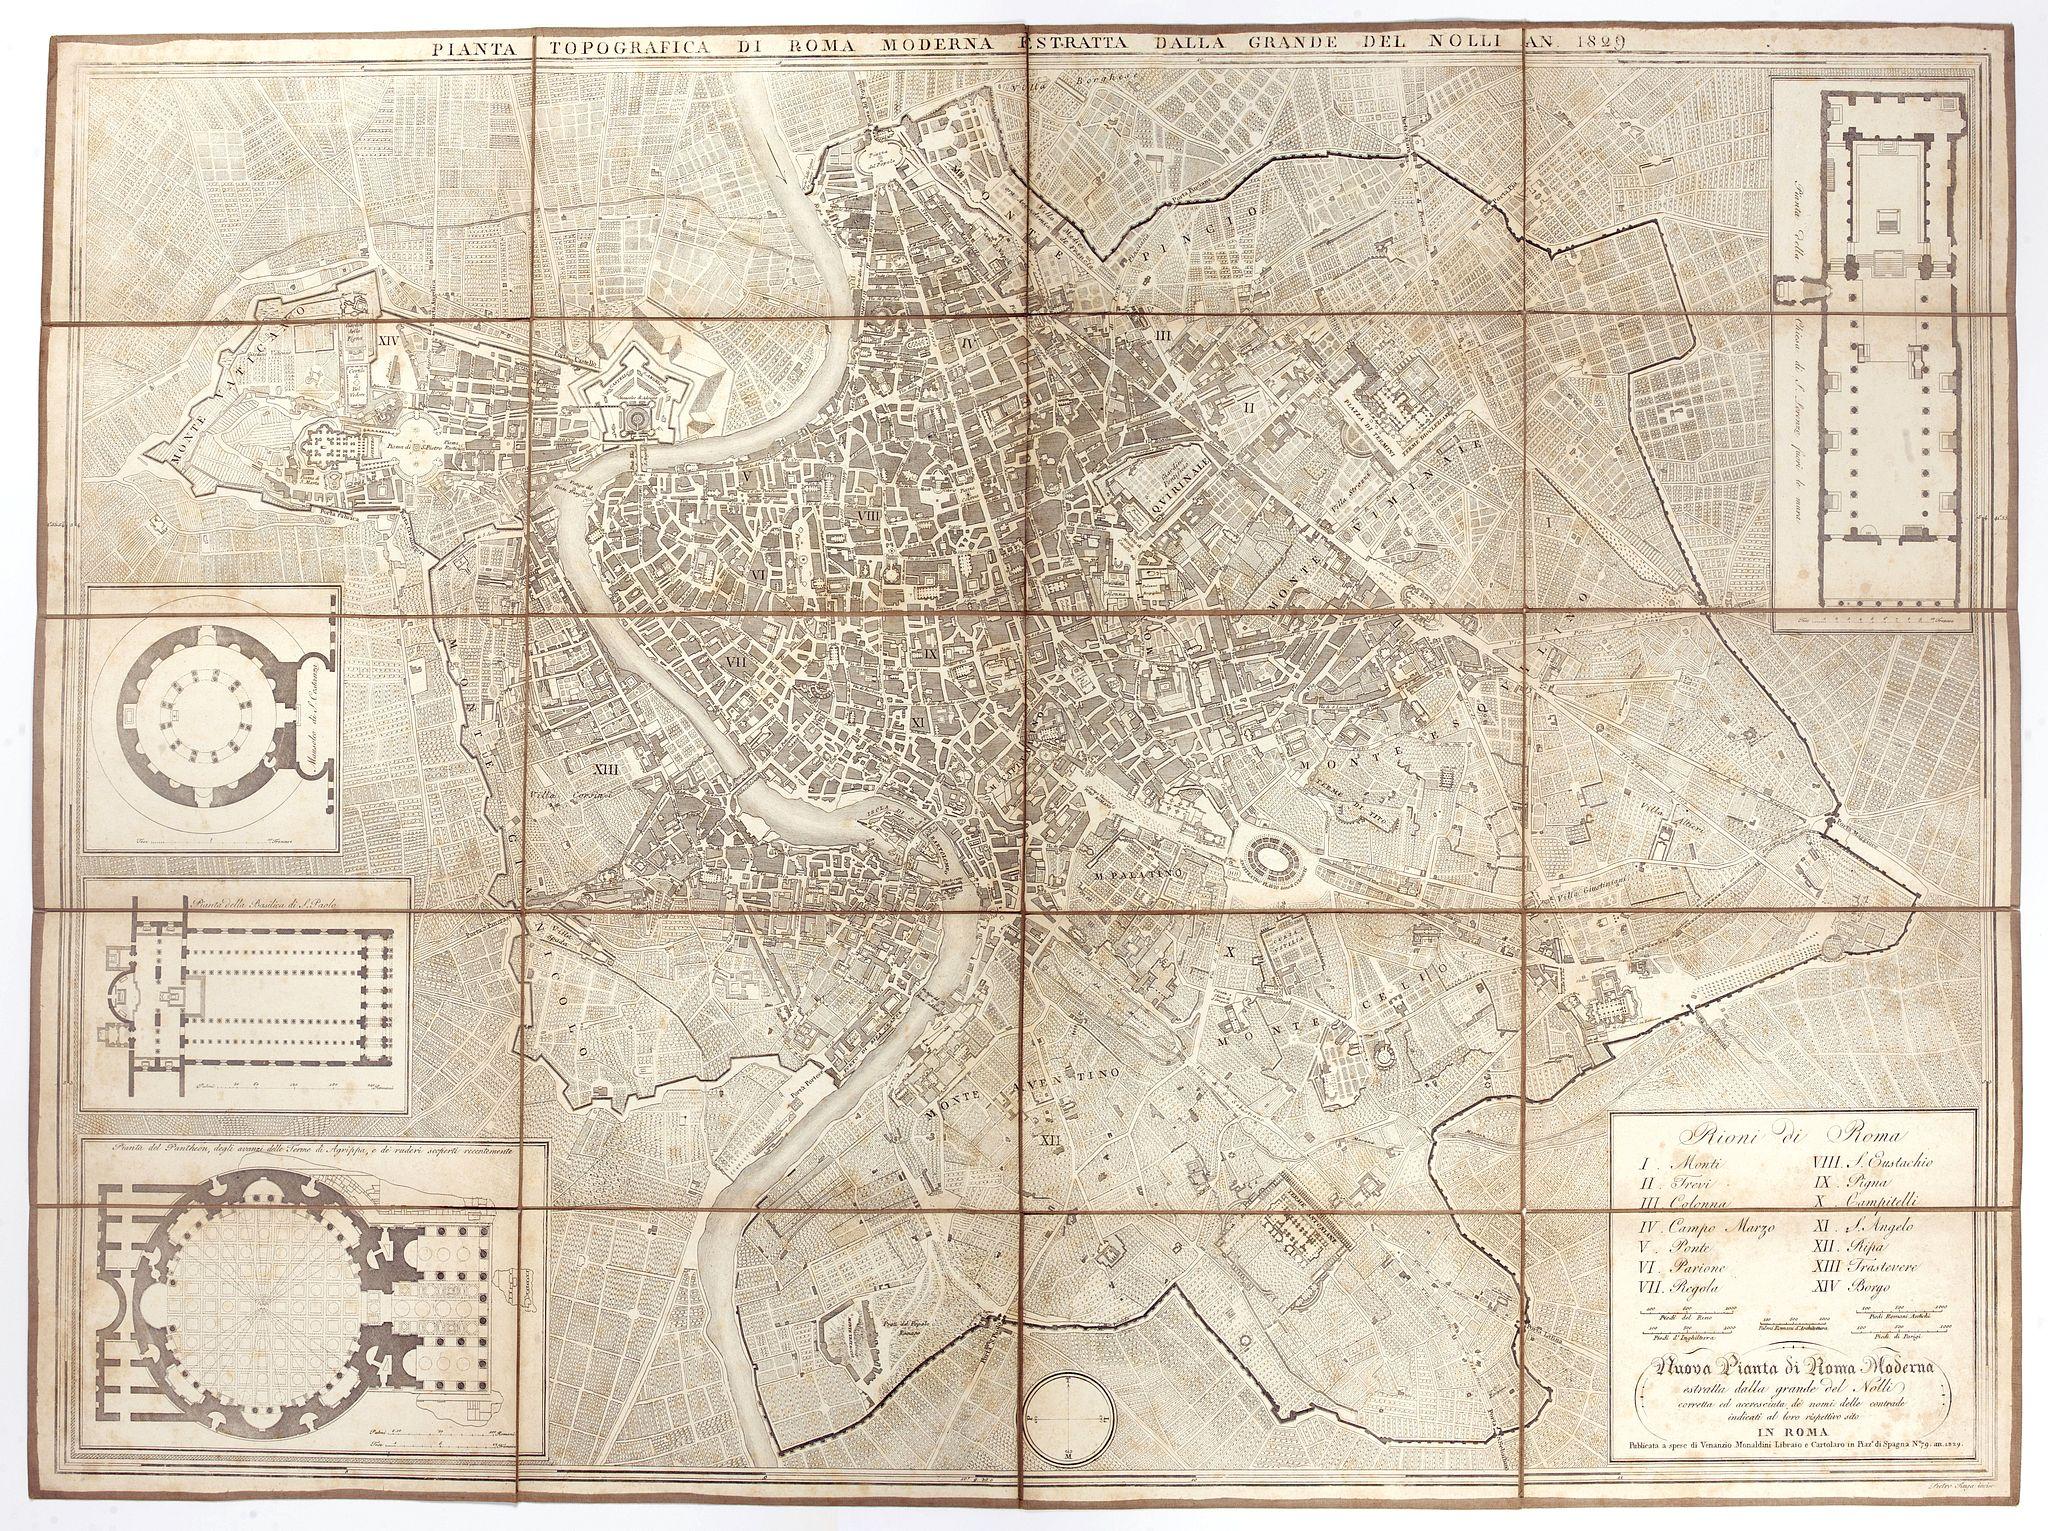 NOLLI, G.B. / MONALDINI, V. -  Pianta topografica di Roma moderna estratta dalla grande del Nolli an 1829